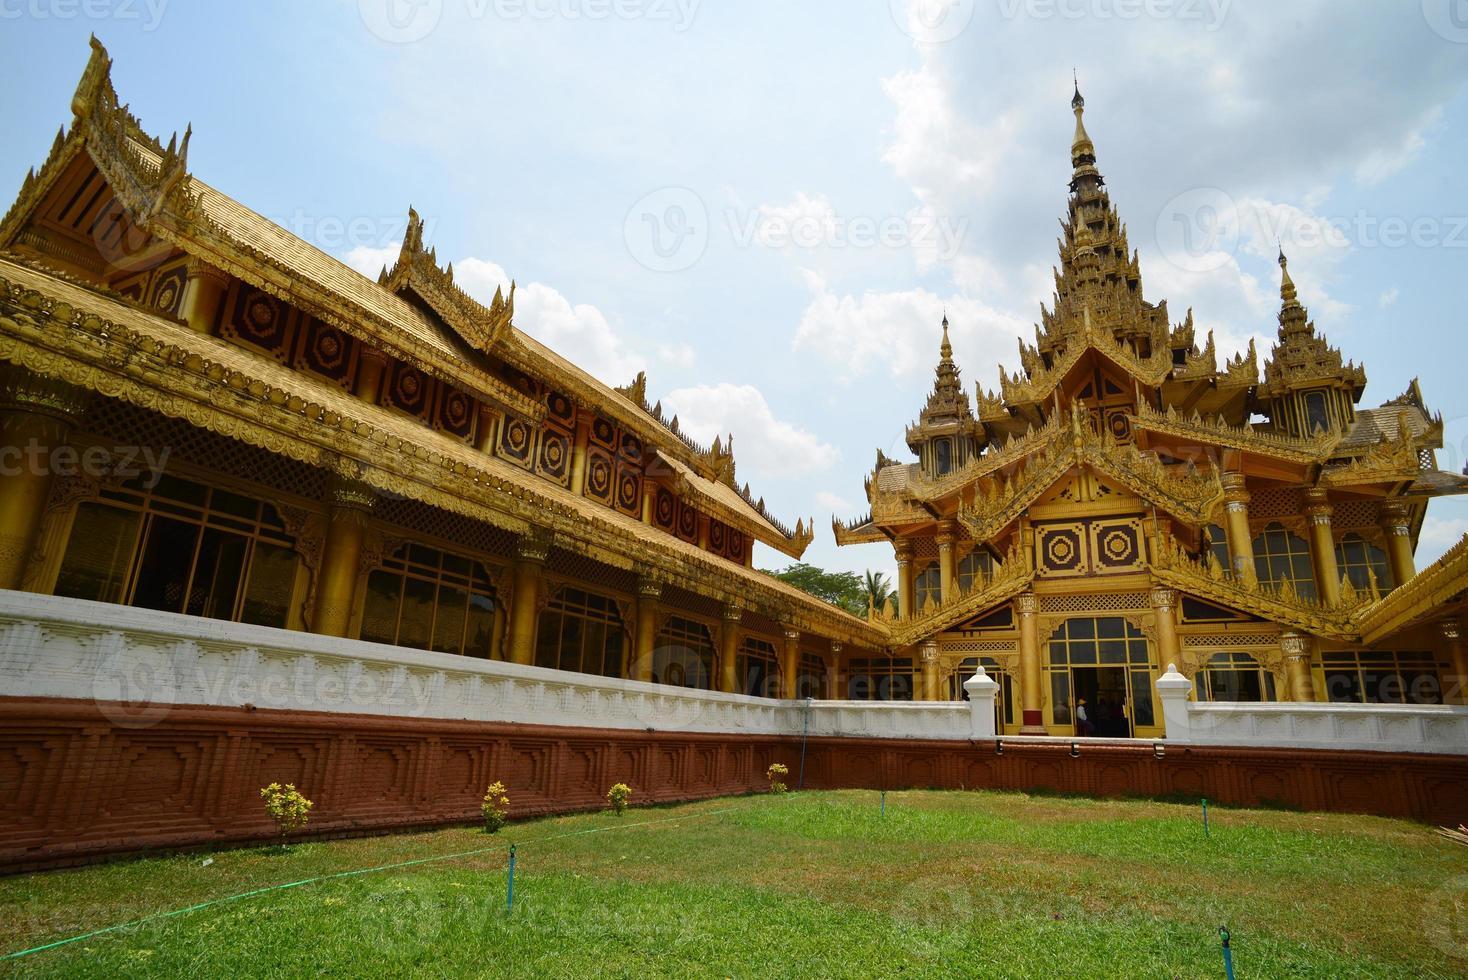 kambawzathardi gouden paleis (paleis van bayinnaung) in bago, mya foto